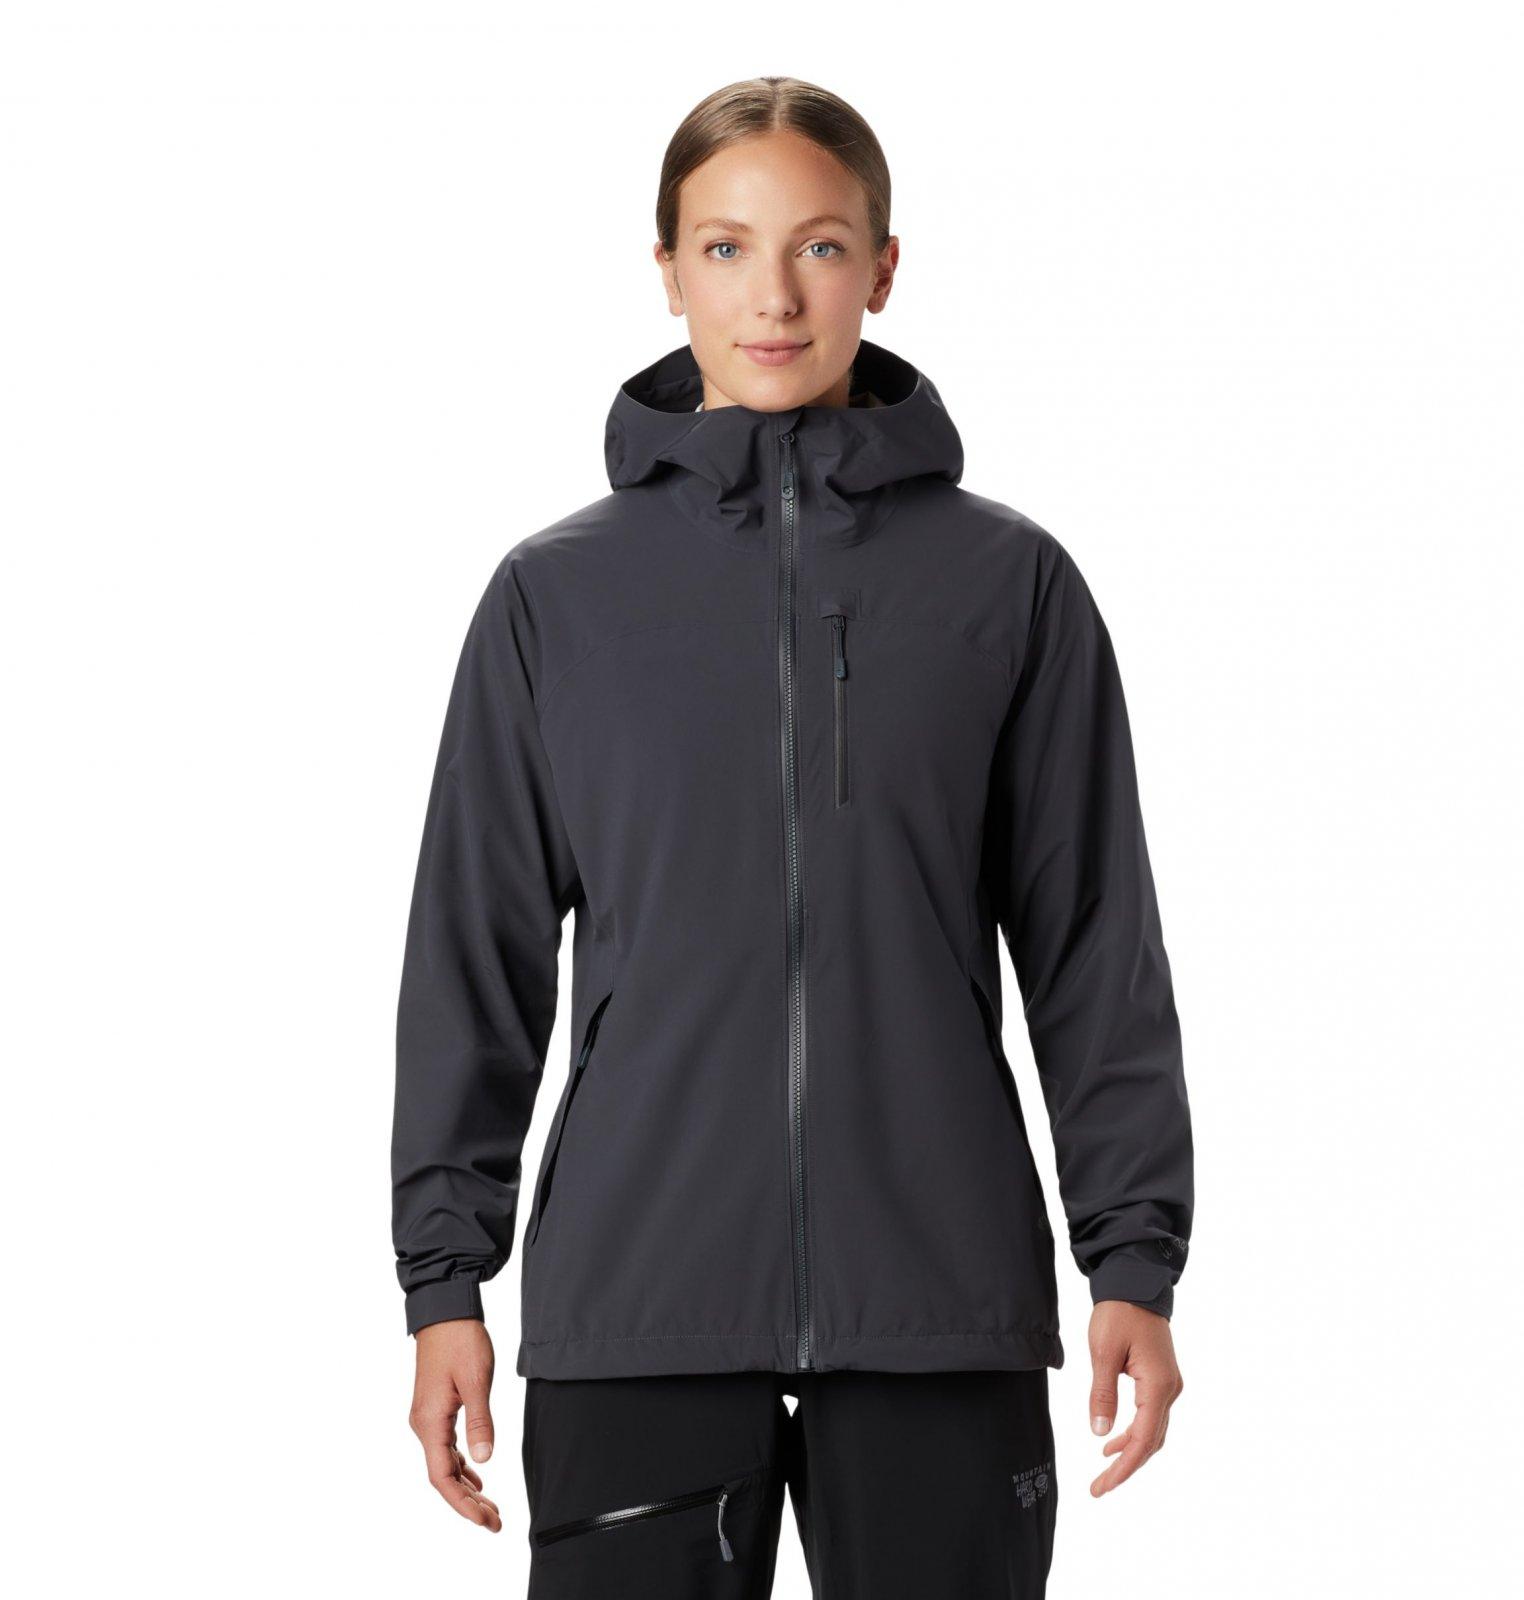 MHW Stretch Ozonic Women's Jacket